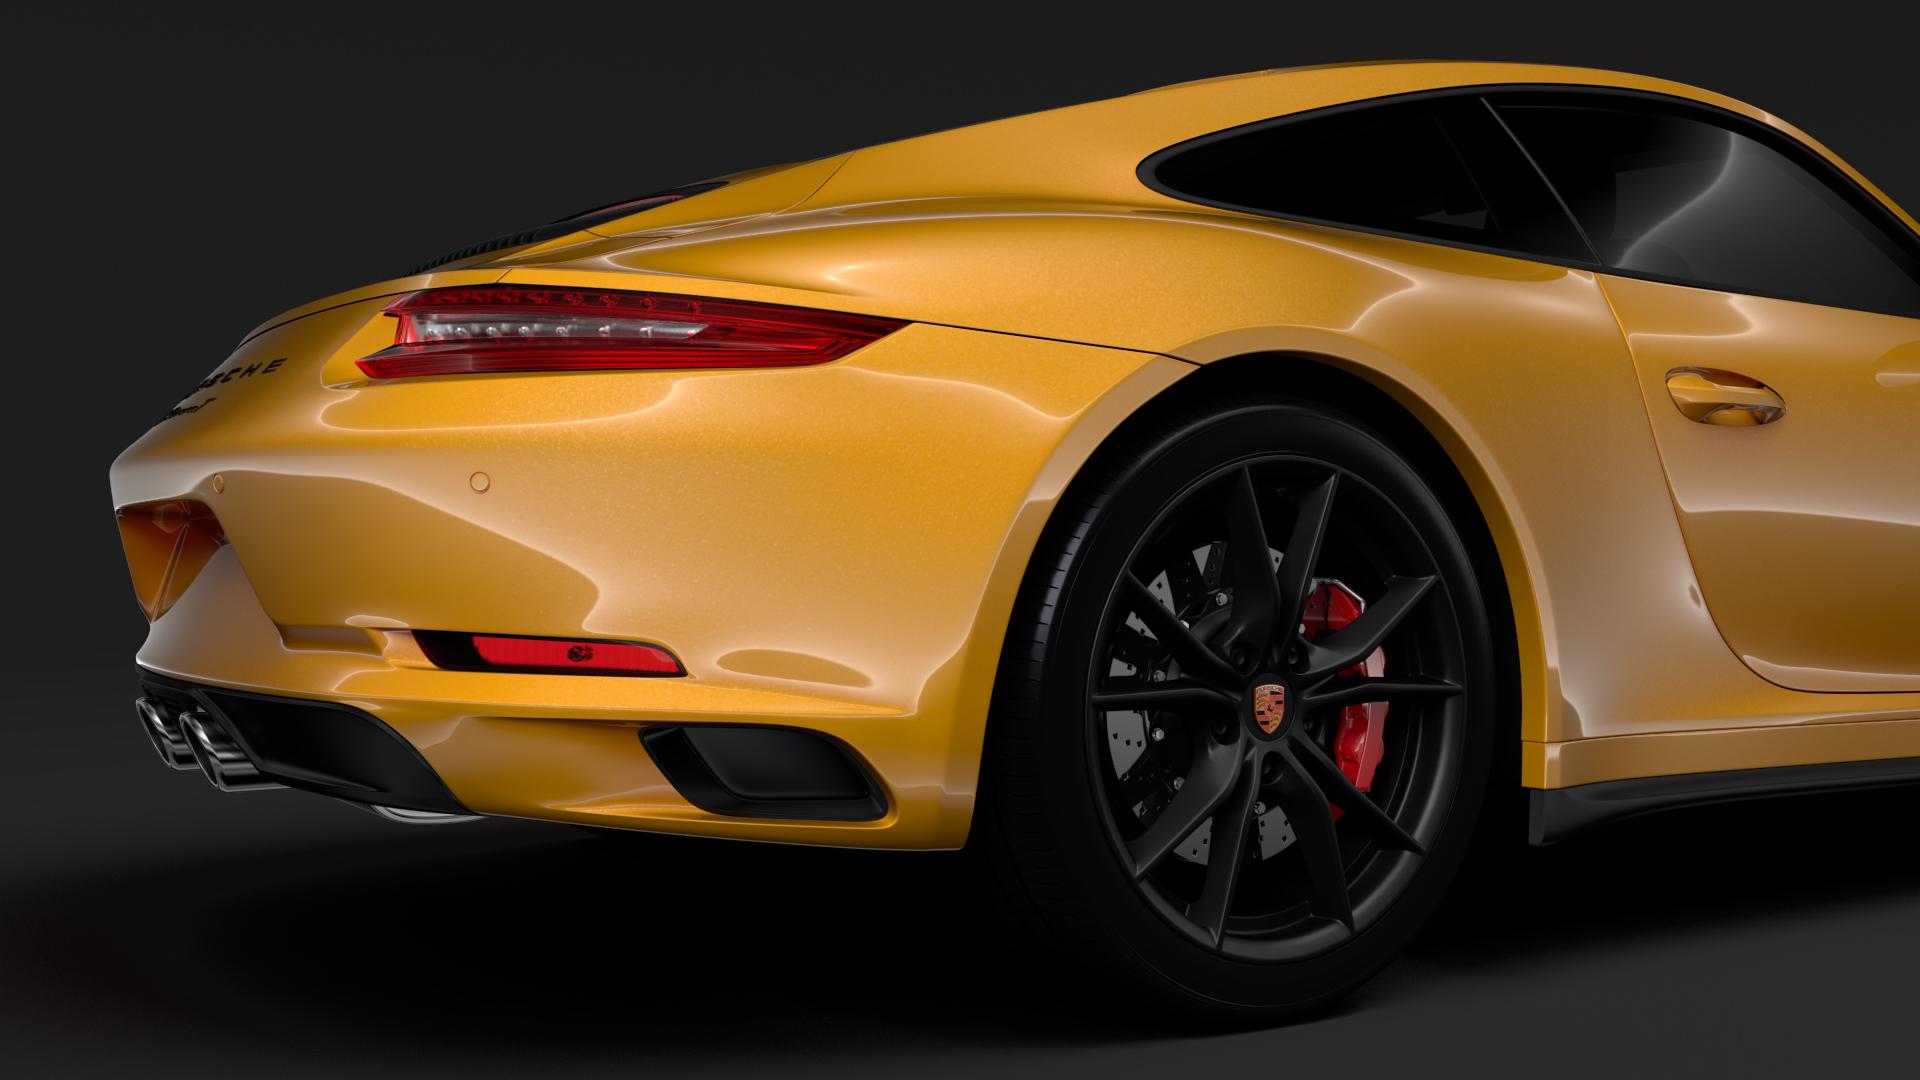 porsche 911 carrera t coupe (991) 2018 3d model max fbx c4d lwo ma mb hrc xsi obj 278970